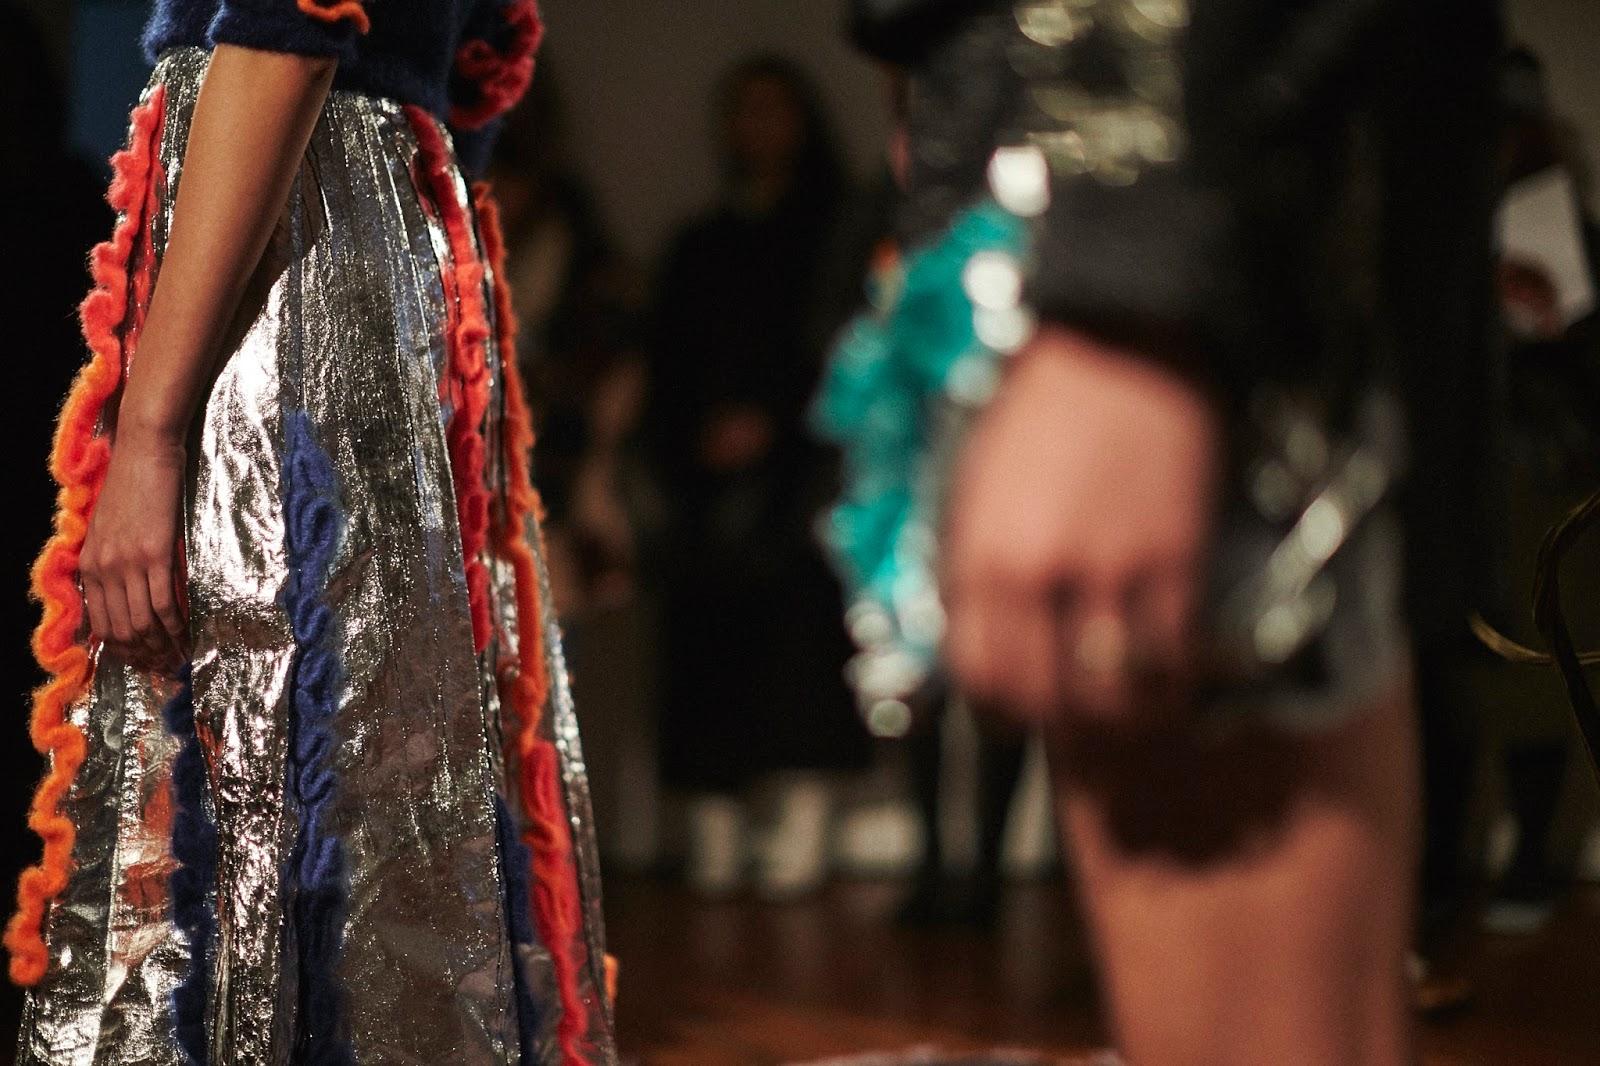 Ana Maddock- Minki Cheng London Fashion Week AW 16-17 Imagery by Petros